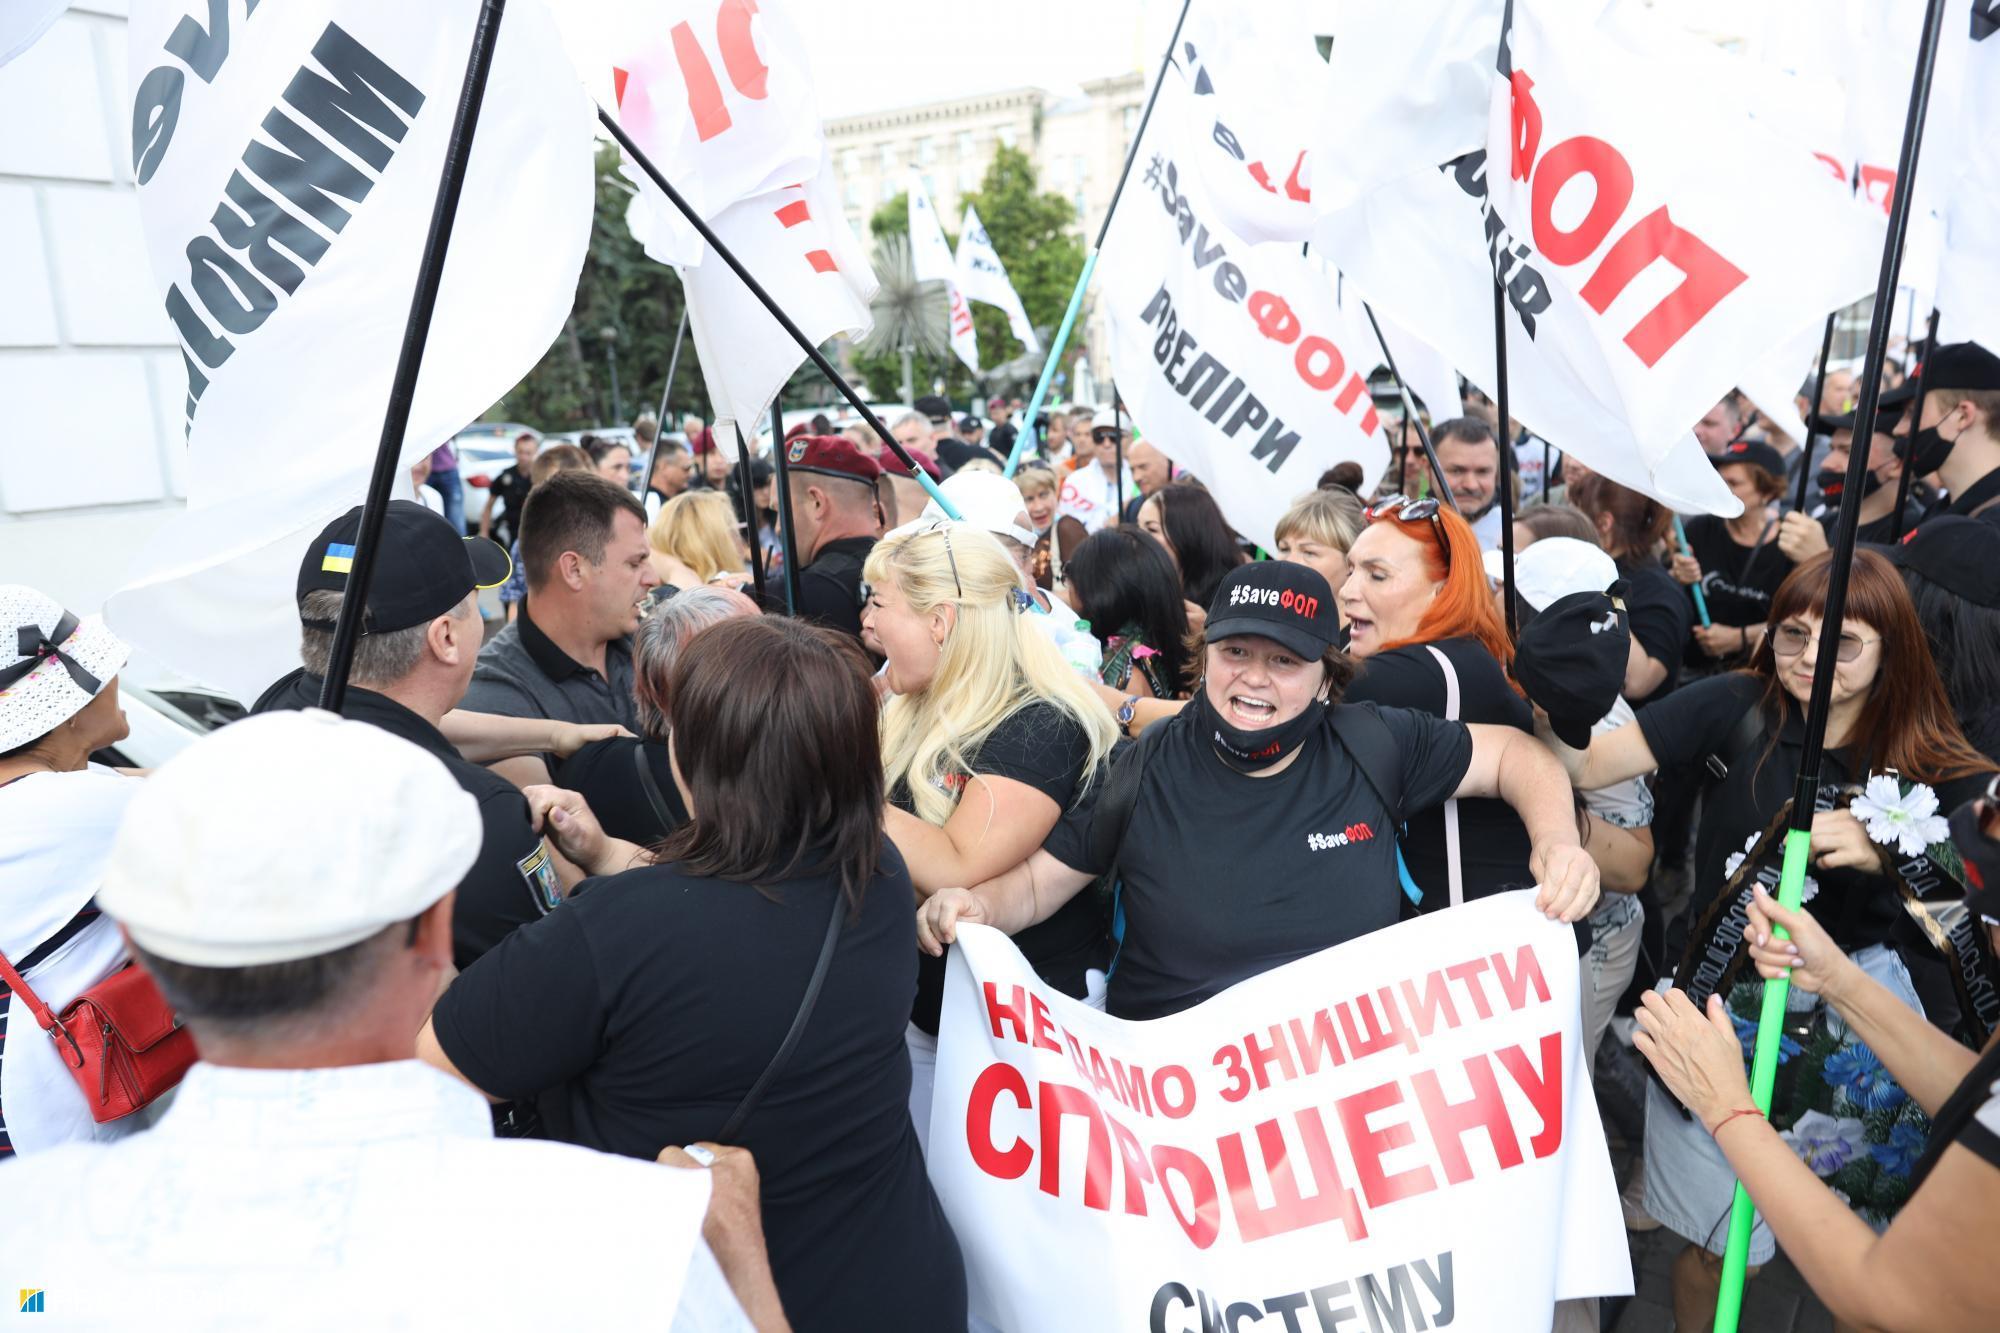 У центрі Києва - масова бійка: що сталося, фото і відео